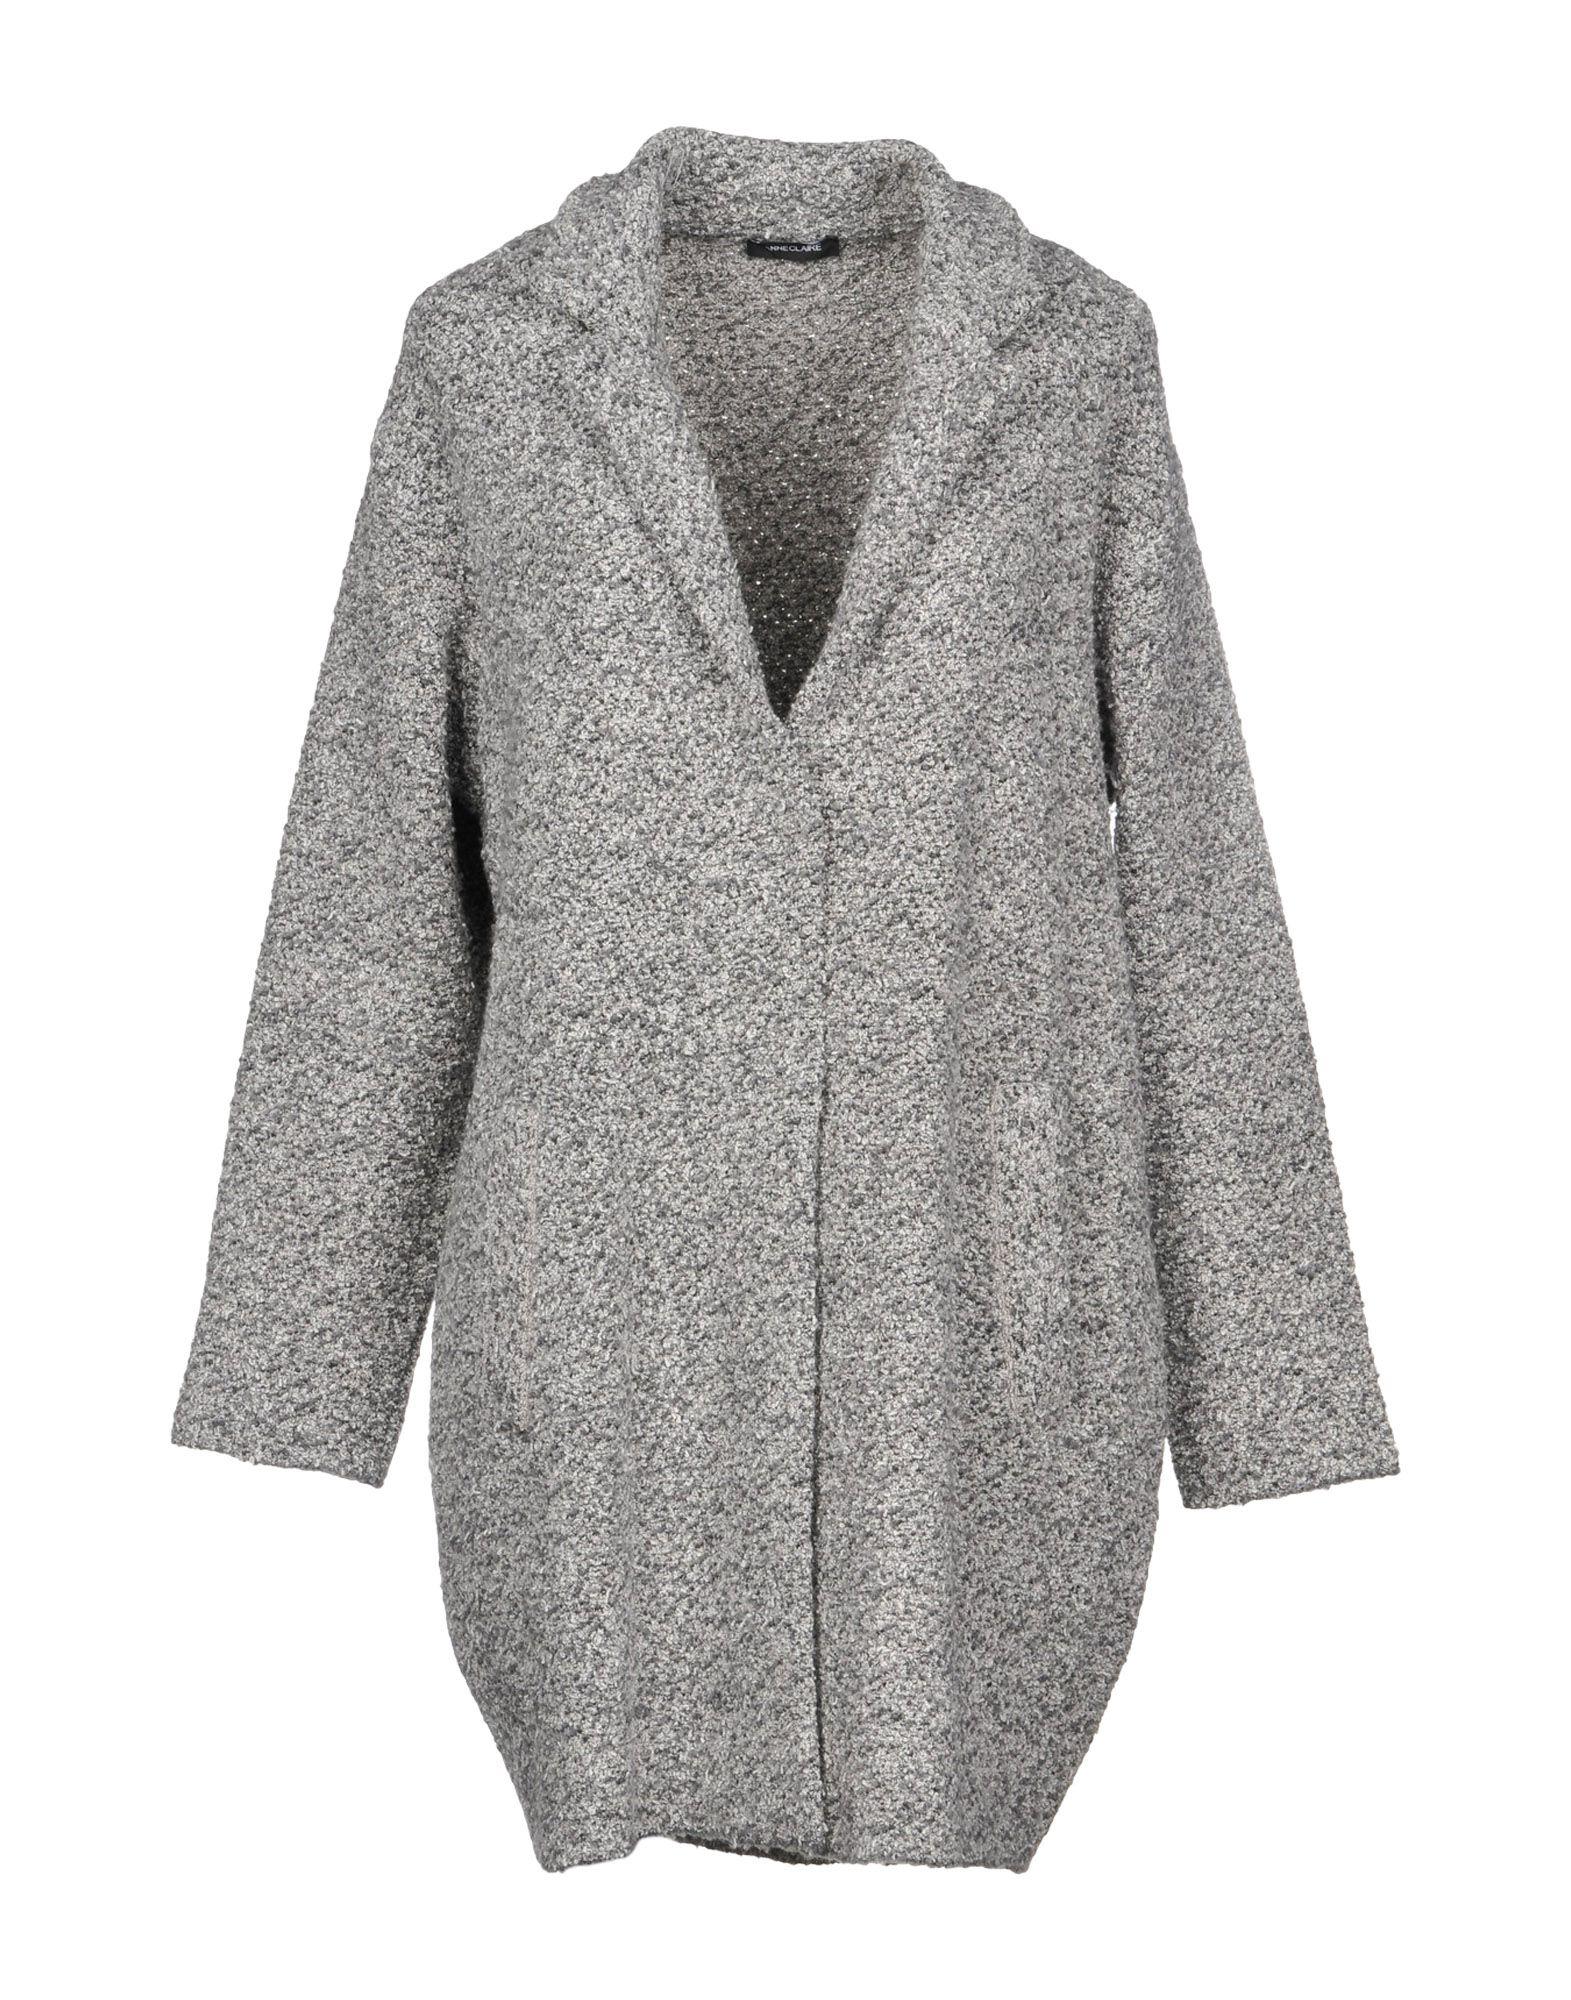 ANNECLAIRE Coat in Light Grey